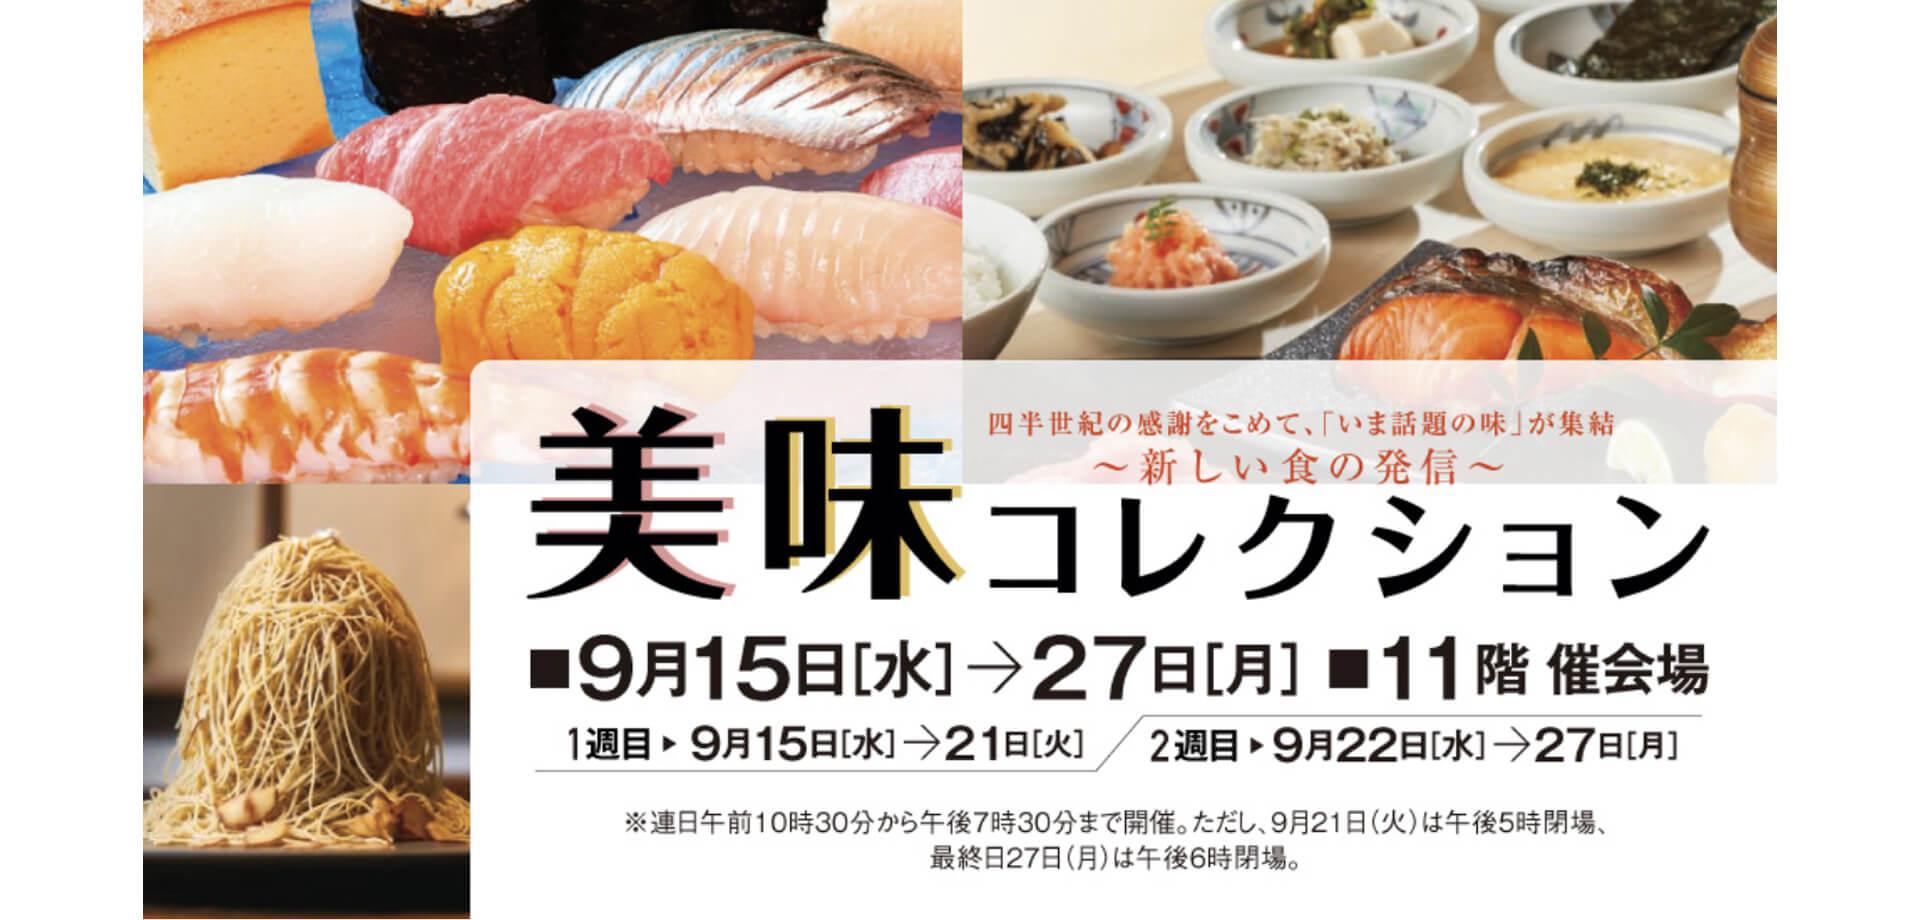 新宿高島屋『~新しい食の発信~美味コレクション』